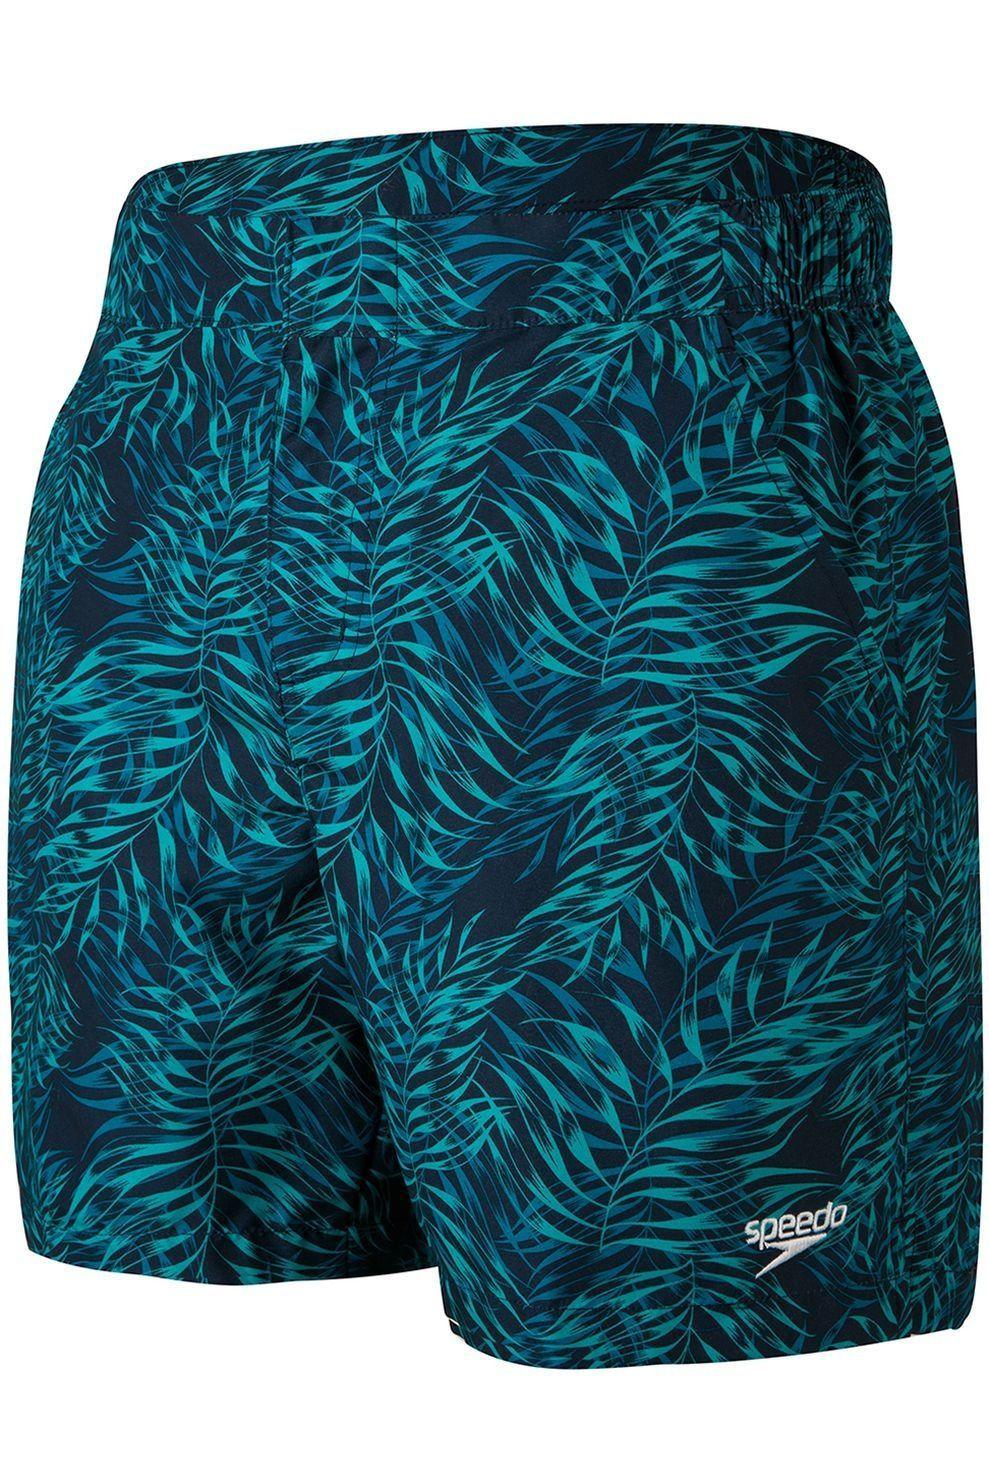 Speedo Zwemshort Vintage Paradise 16 voor heren - Blauw - Maten: S, M, L, XL